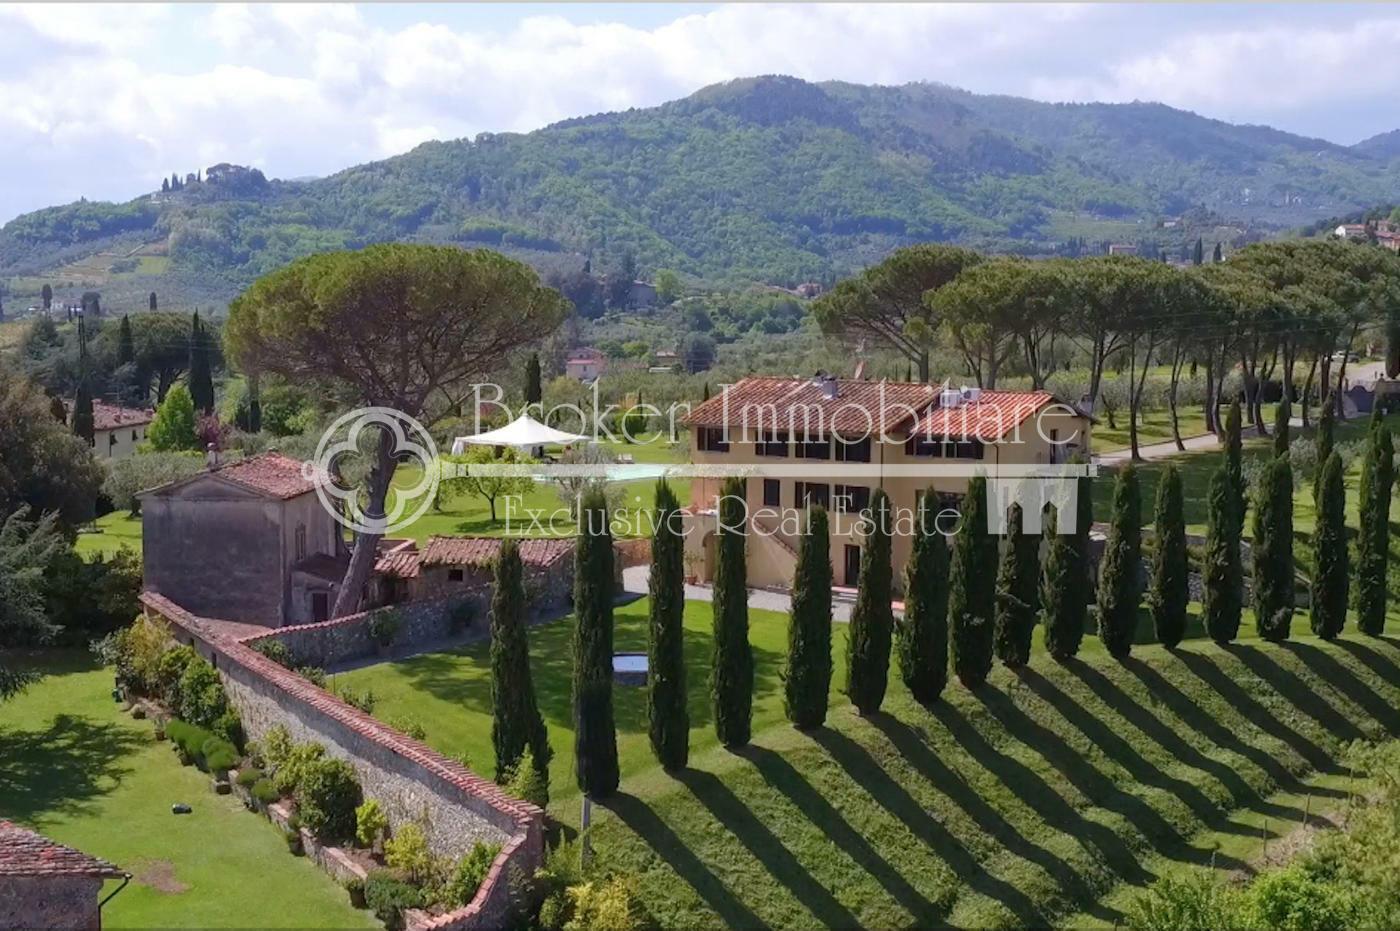 Splendido casale toscano in vendita a Lucca con piscina e oliveto